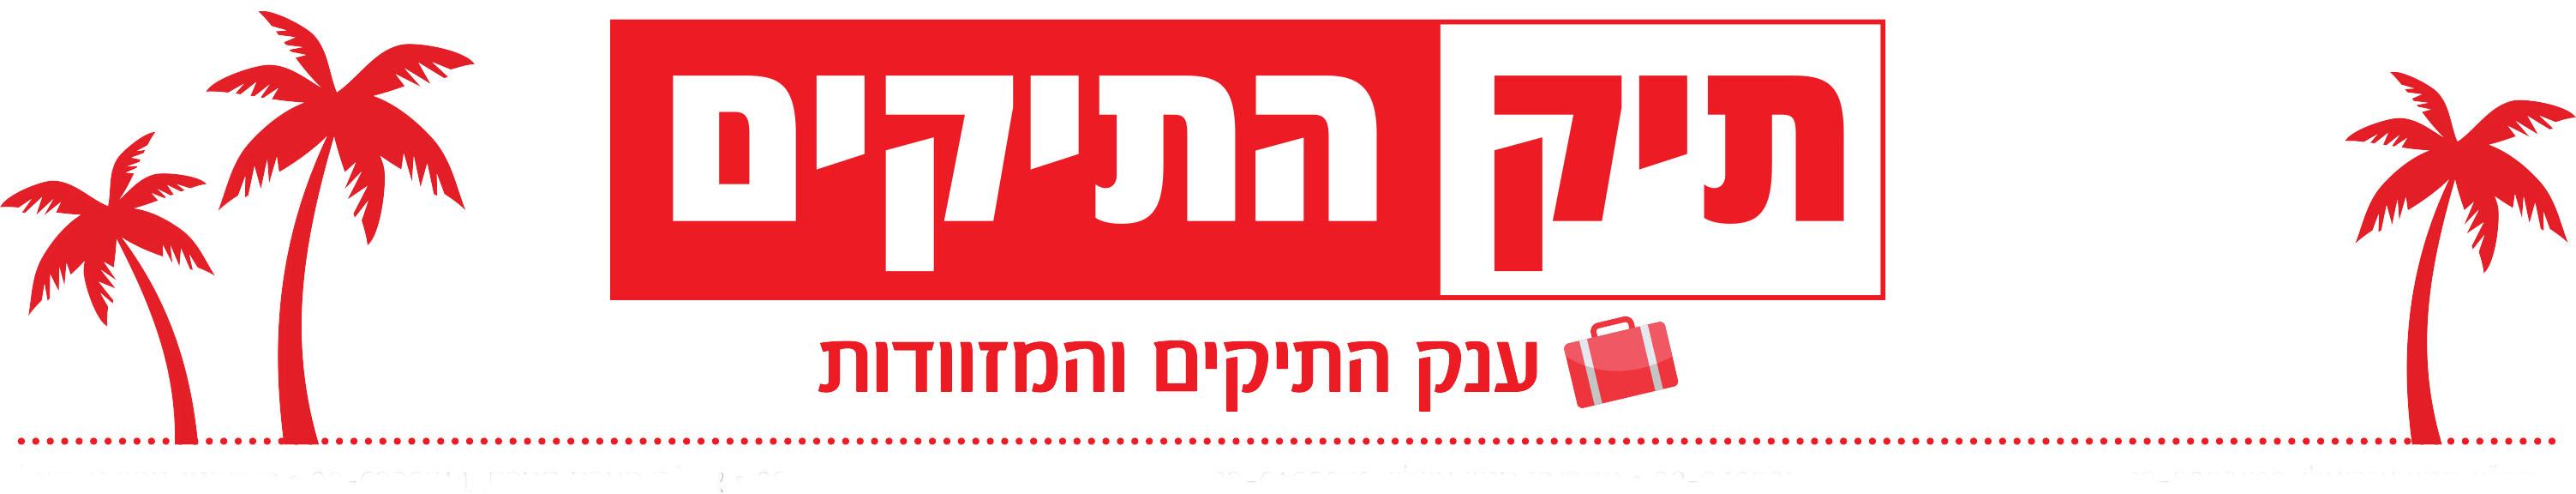 רשת תיק התיקים - והמזוודות הגדולה בישראל